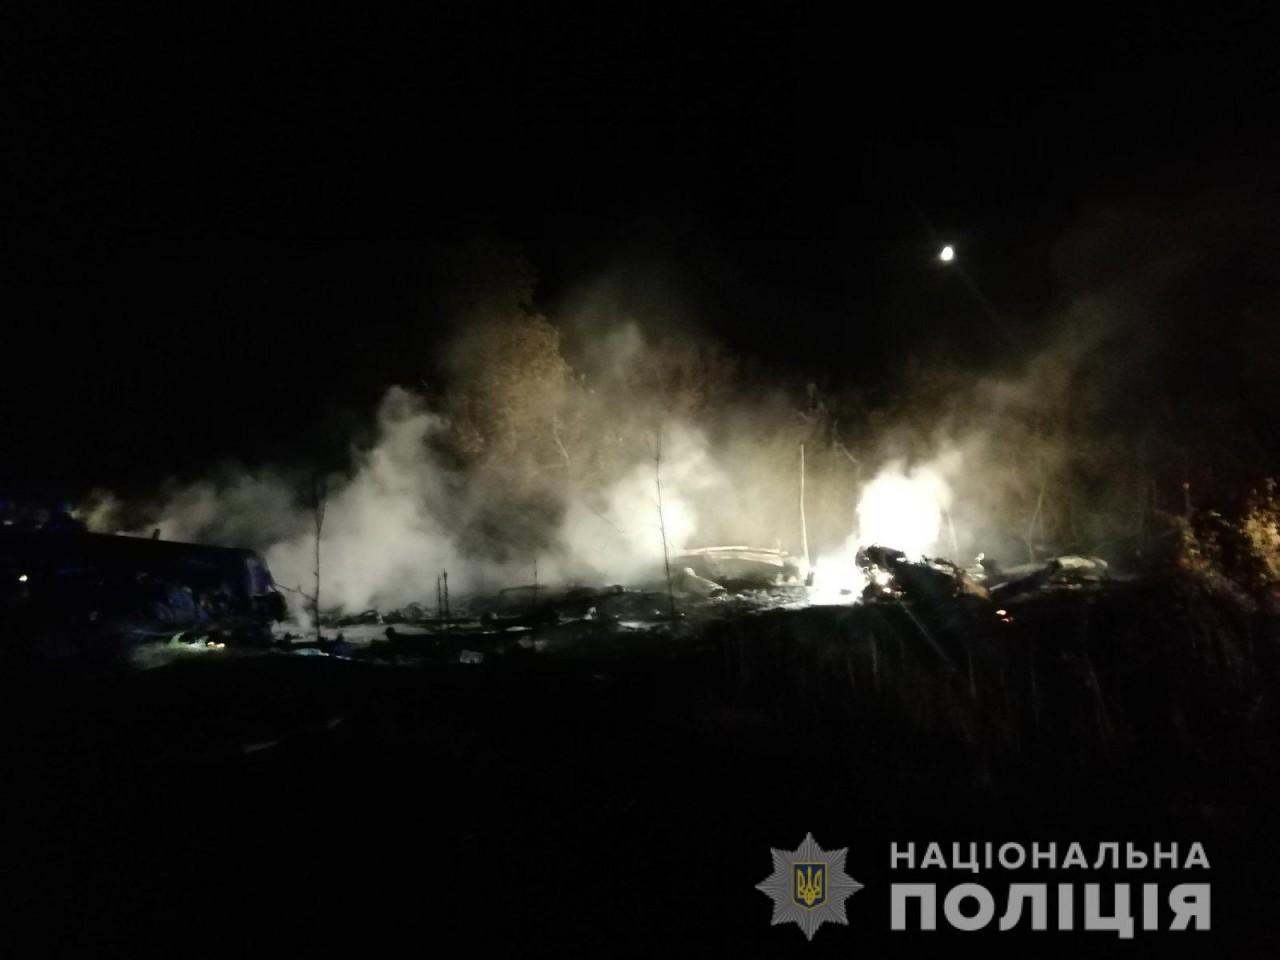 Падіння літака під Харковом: фото та відео з місця трагедії - фото 4